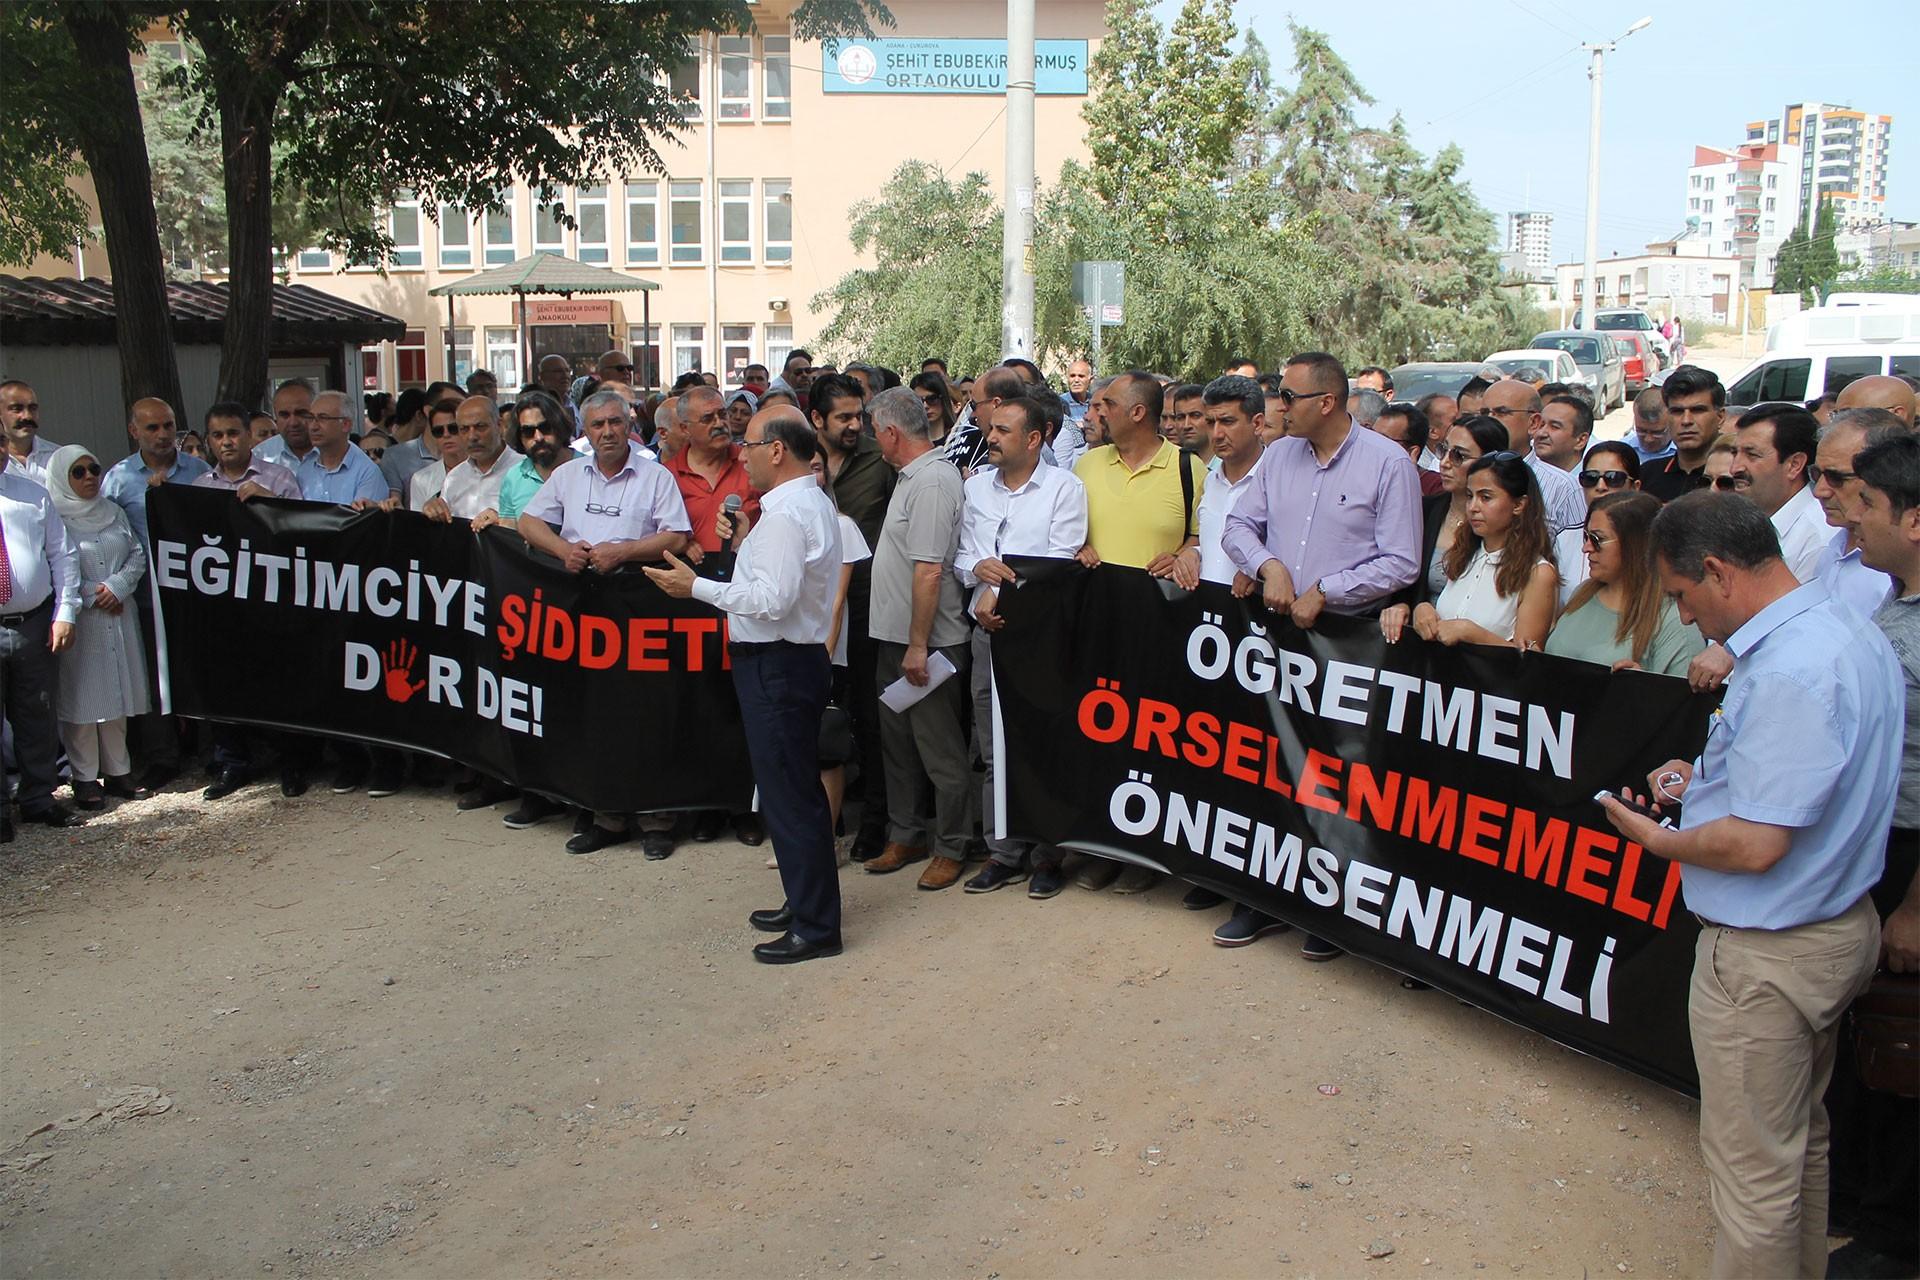 Adana'da sendikalardan şiddete uğrayan öğretmenle ilgili ortak tepki